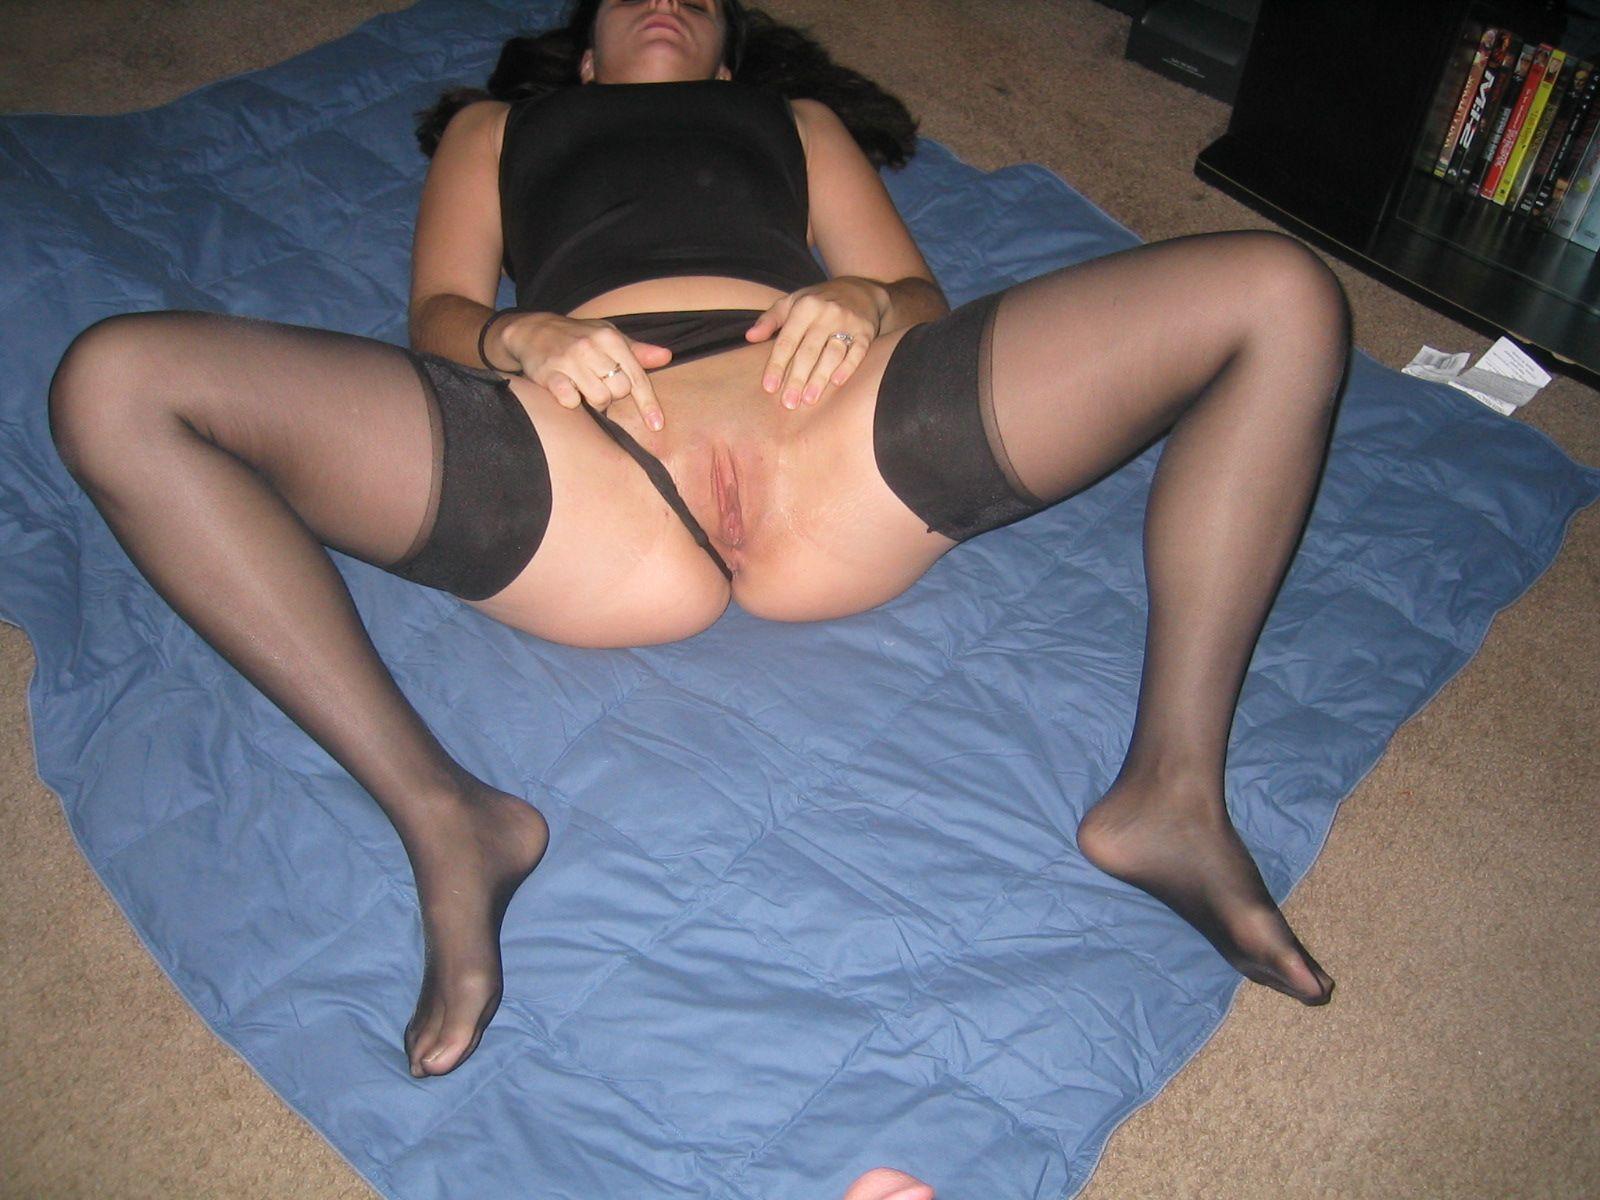 Фото жены у нее между ног, Эротическое фото между ног у девок. 22 7 фотография